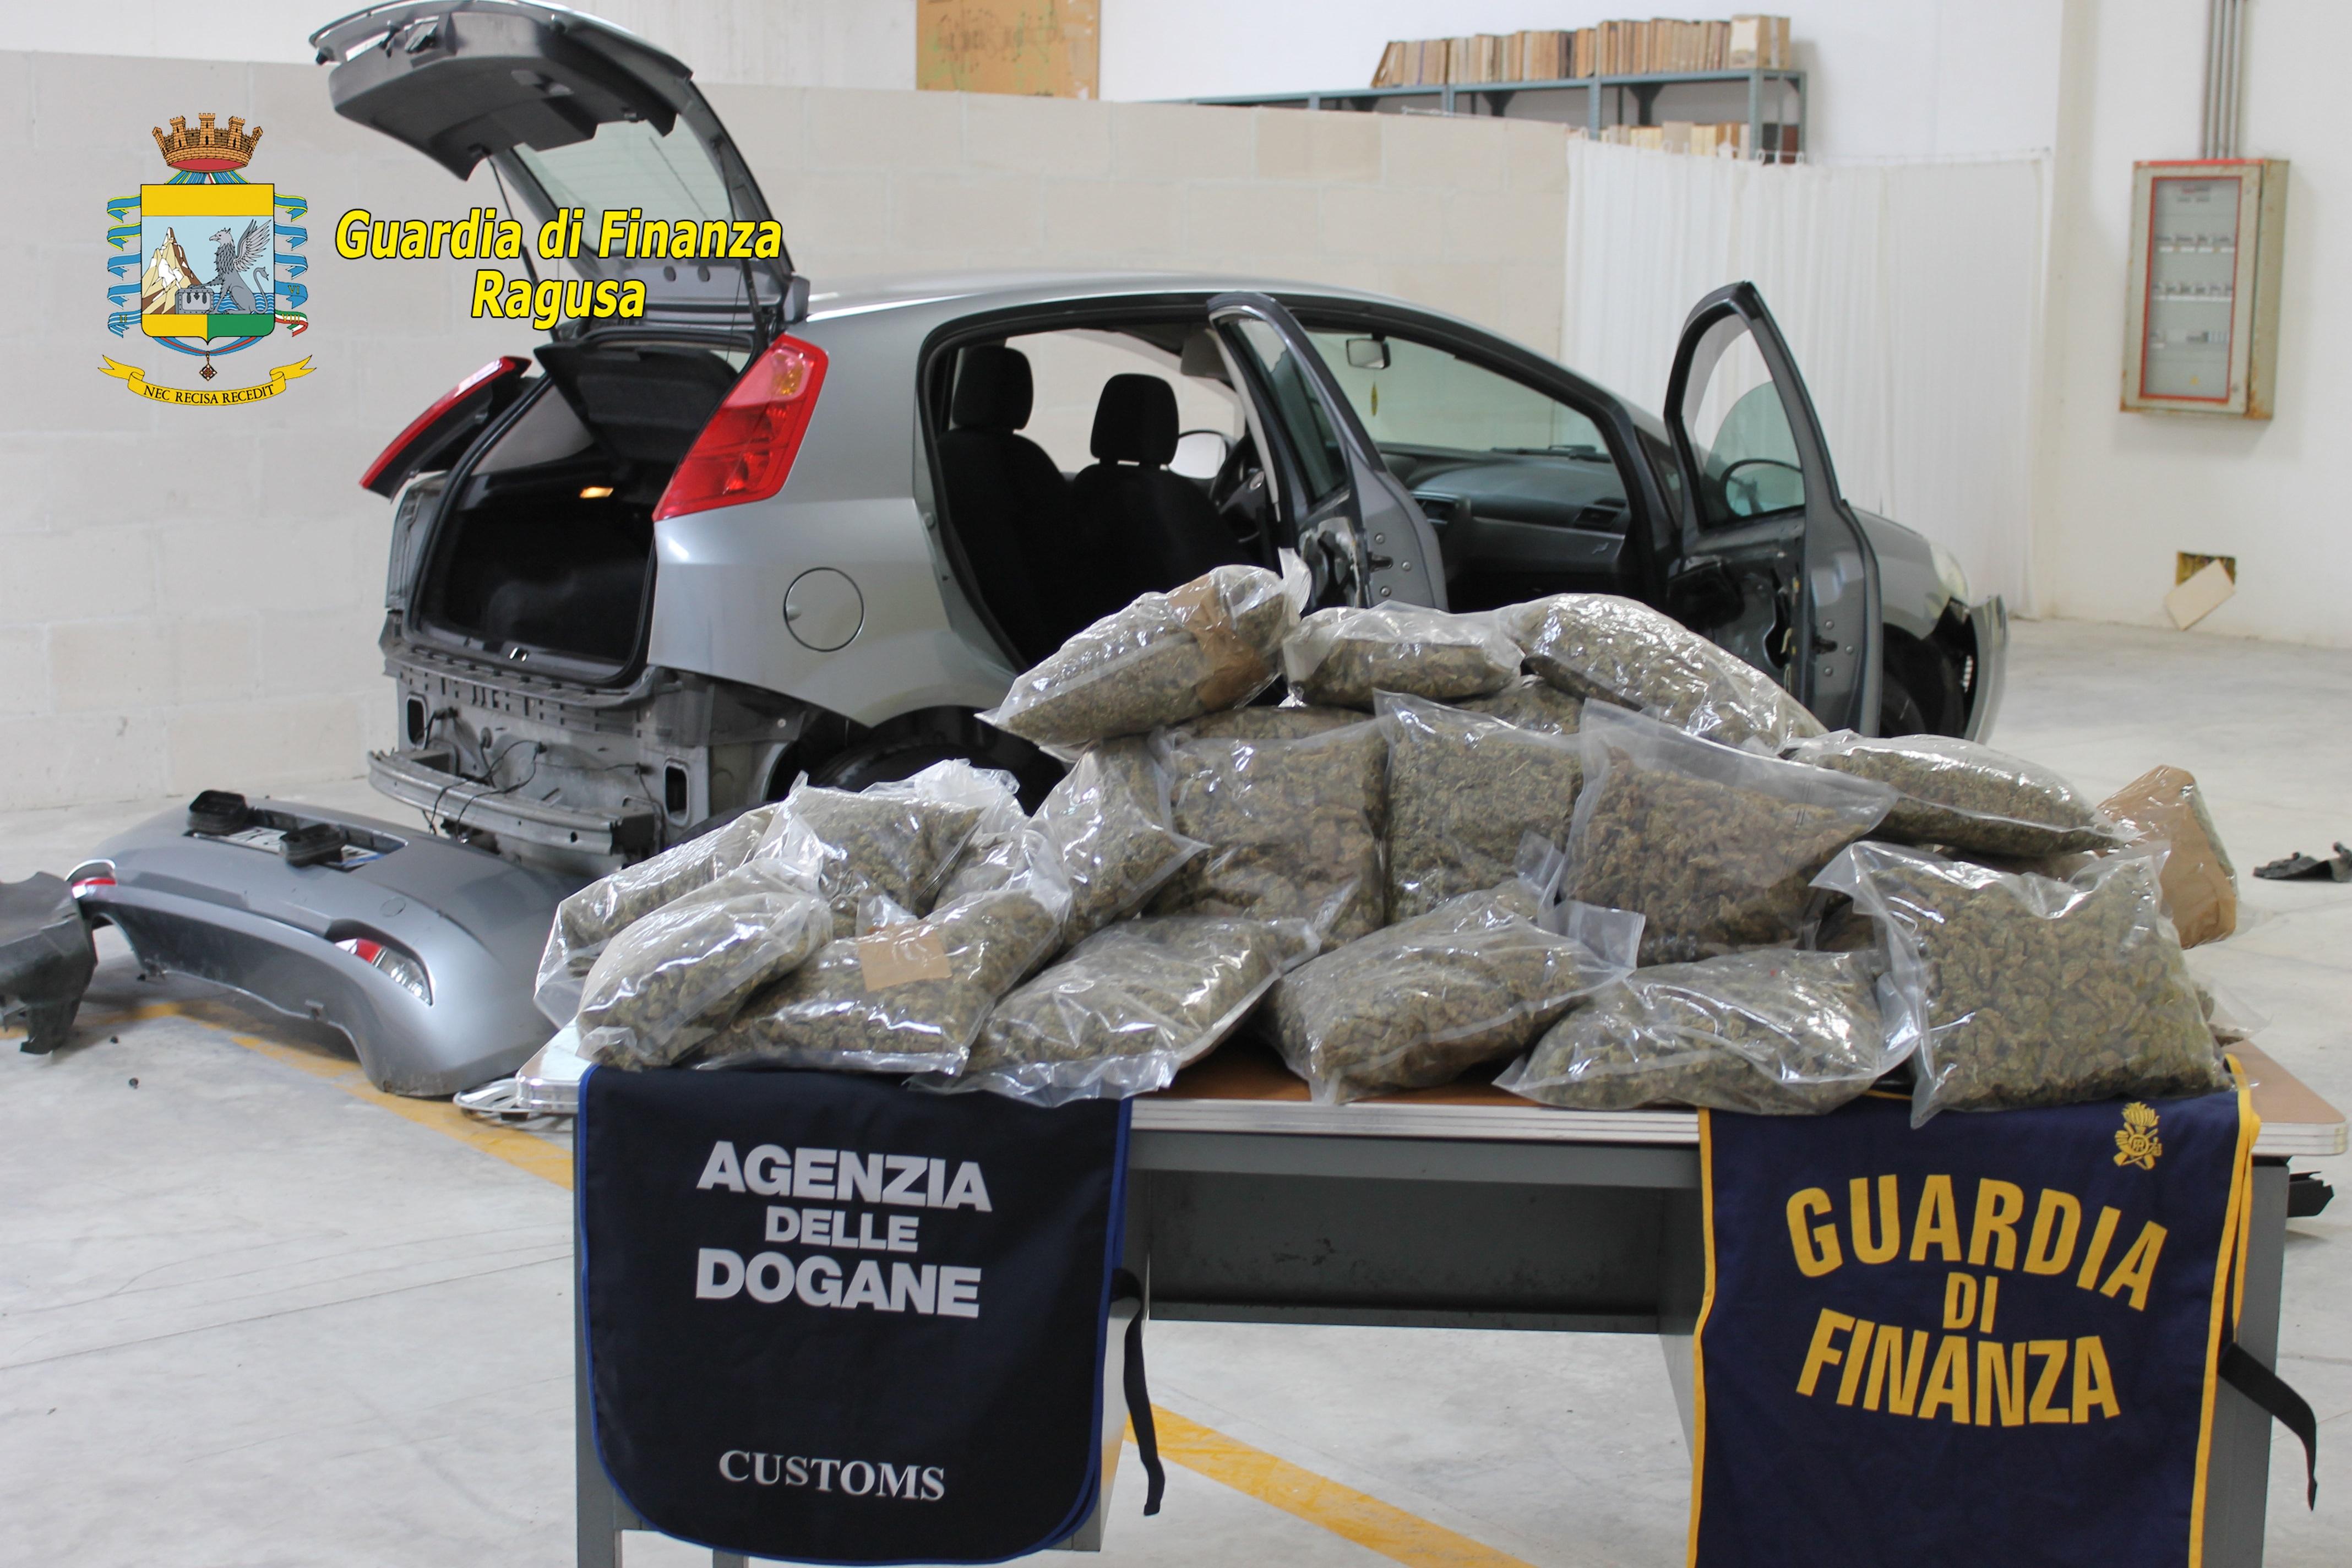 Trasportava 13 chili di marijuana: arrestato 55enne catanese